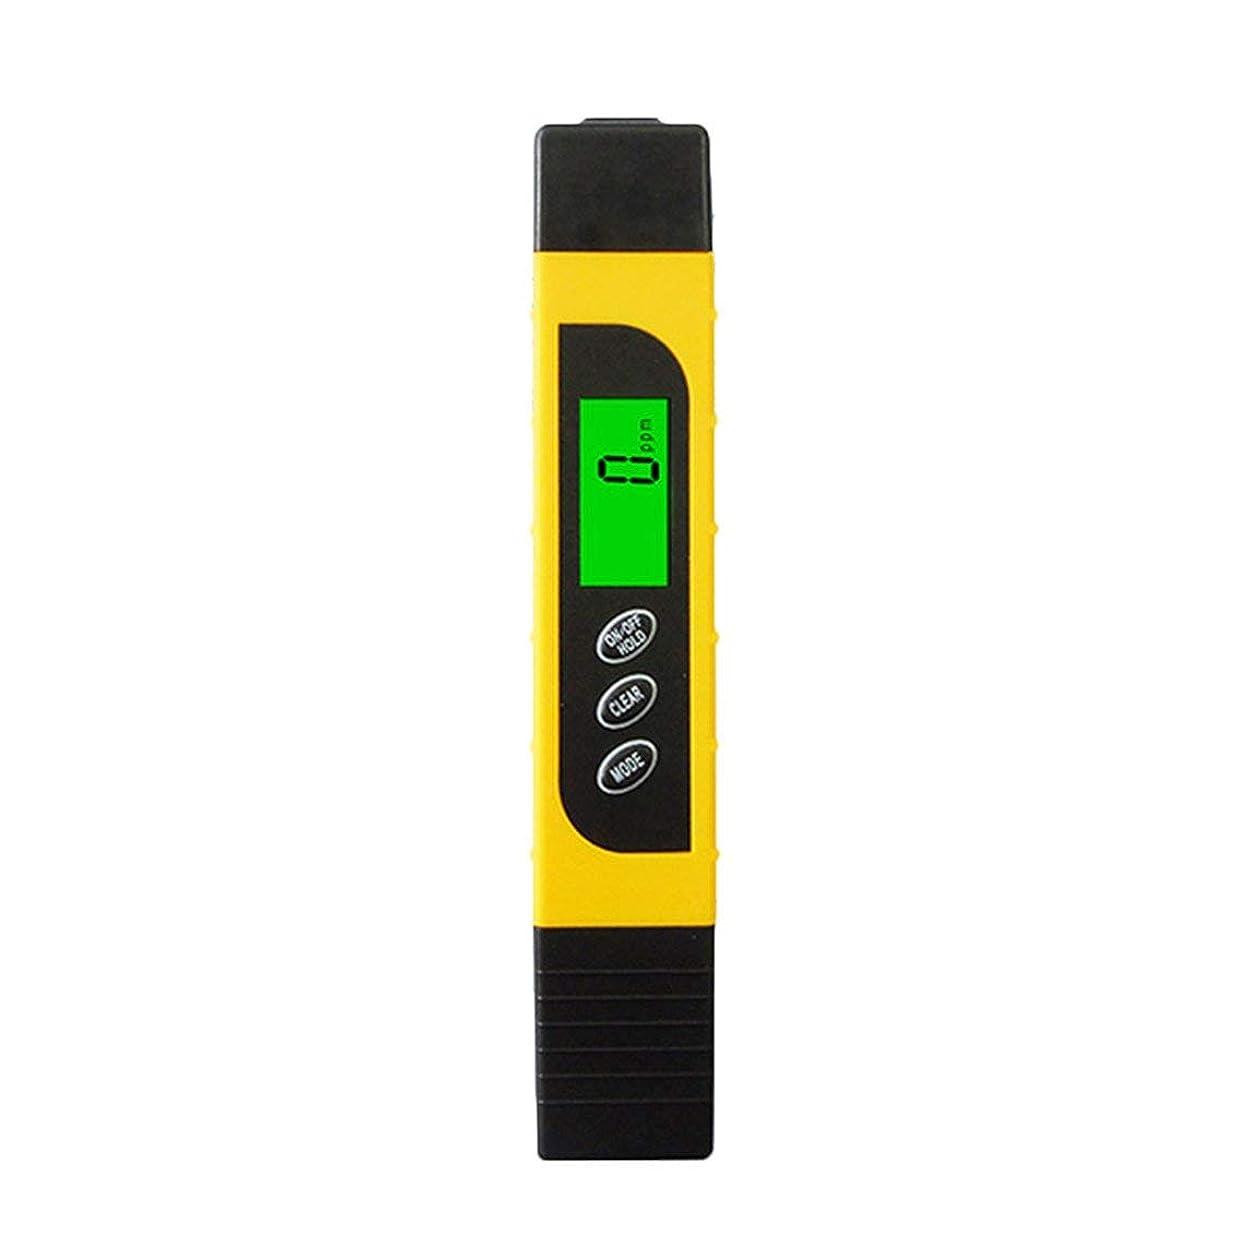 分泌する競う機関多機能TDSメーターテスターポータブルデジタルペン0.01高精度フィルター測定水質純度テストツール - 黄色